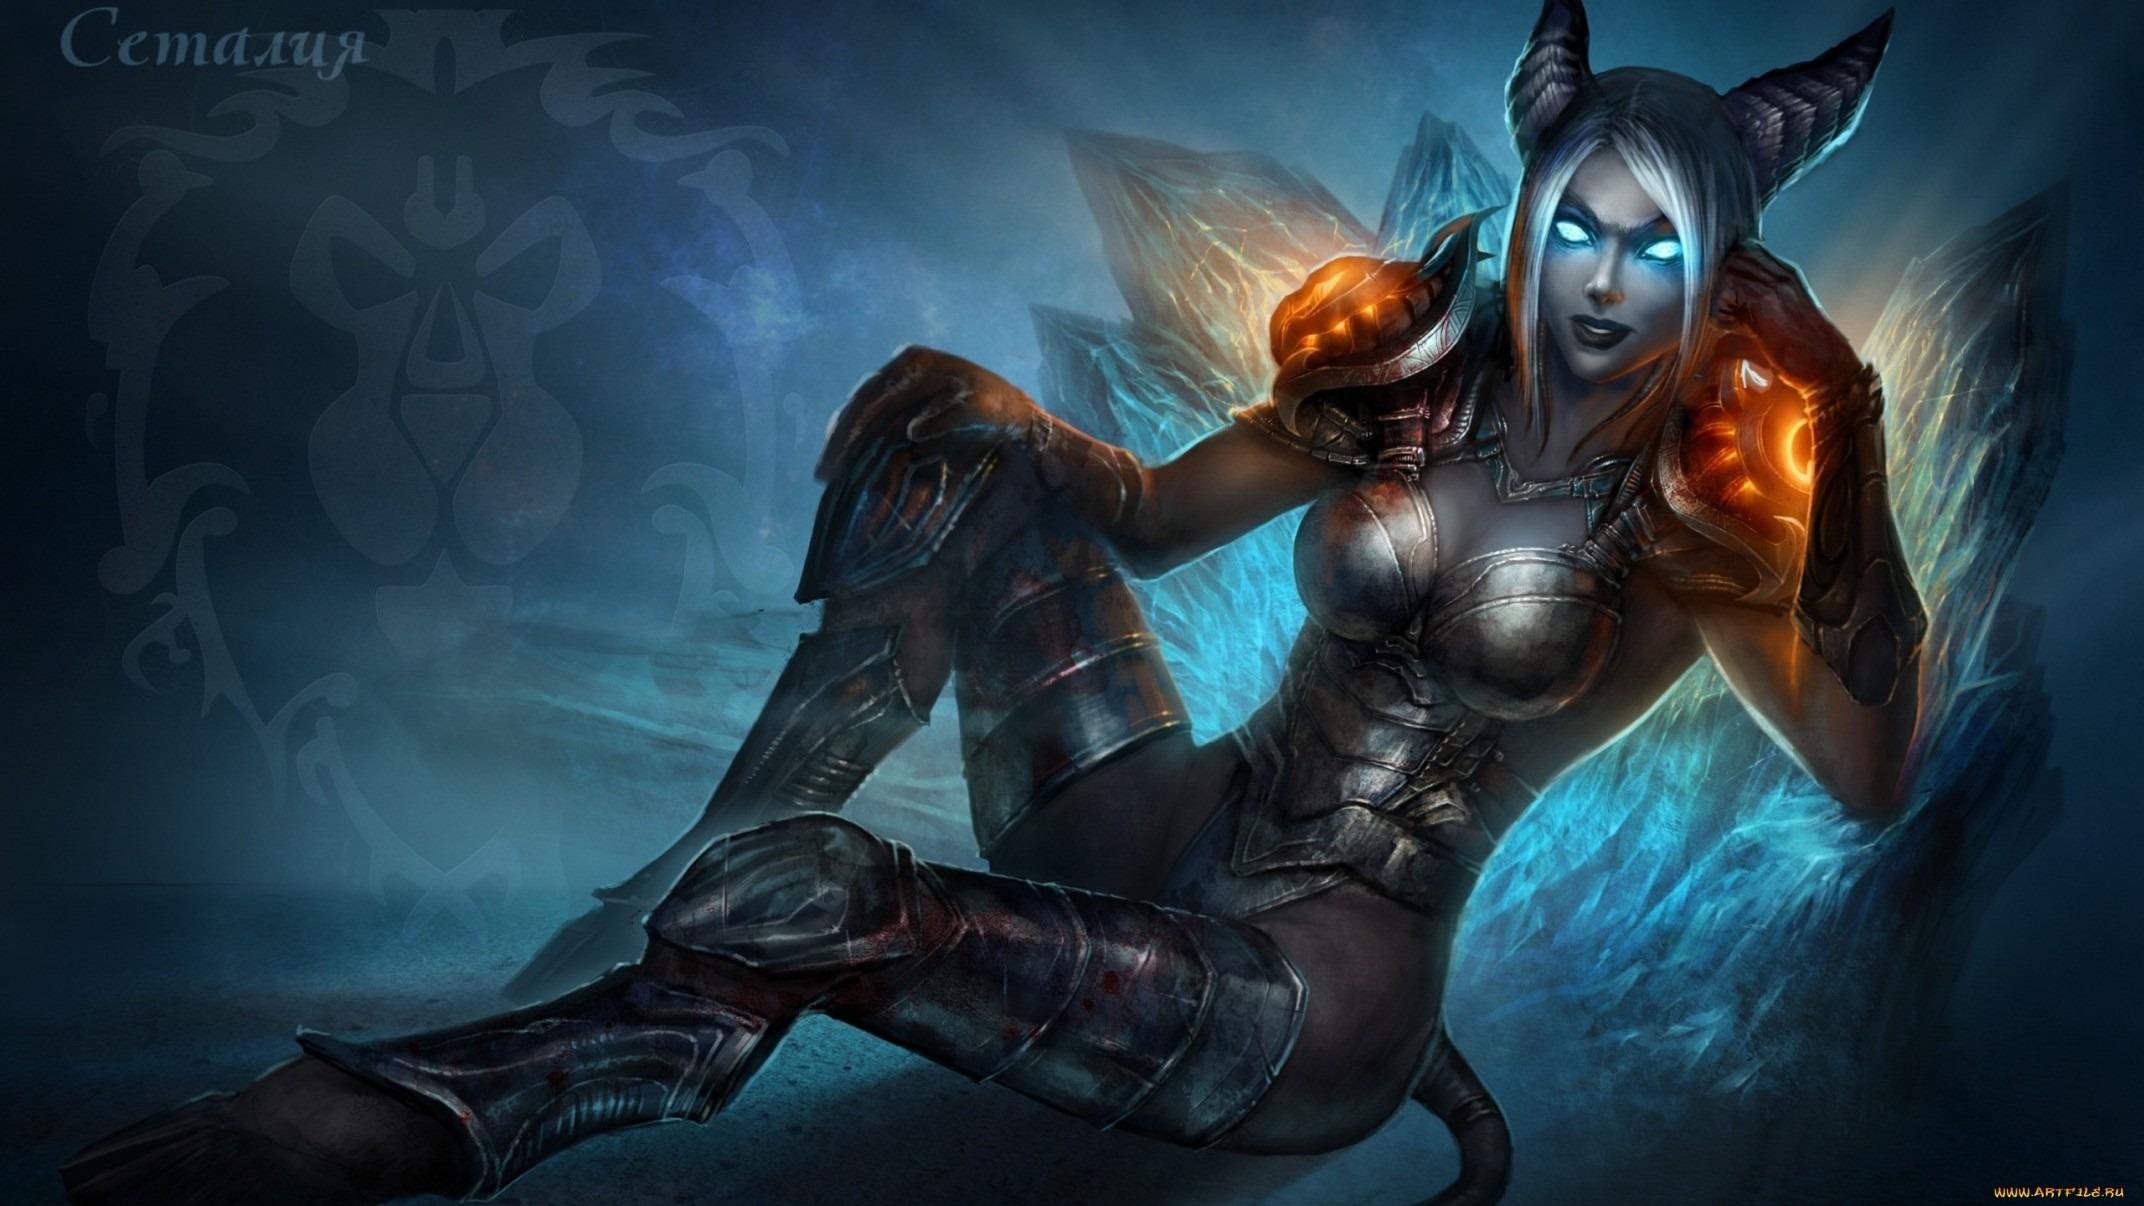 of Warcraft Demon Girl Wallpaper High Definition HD Games Wallpaper 2144x1206